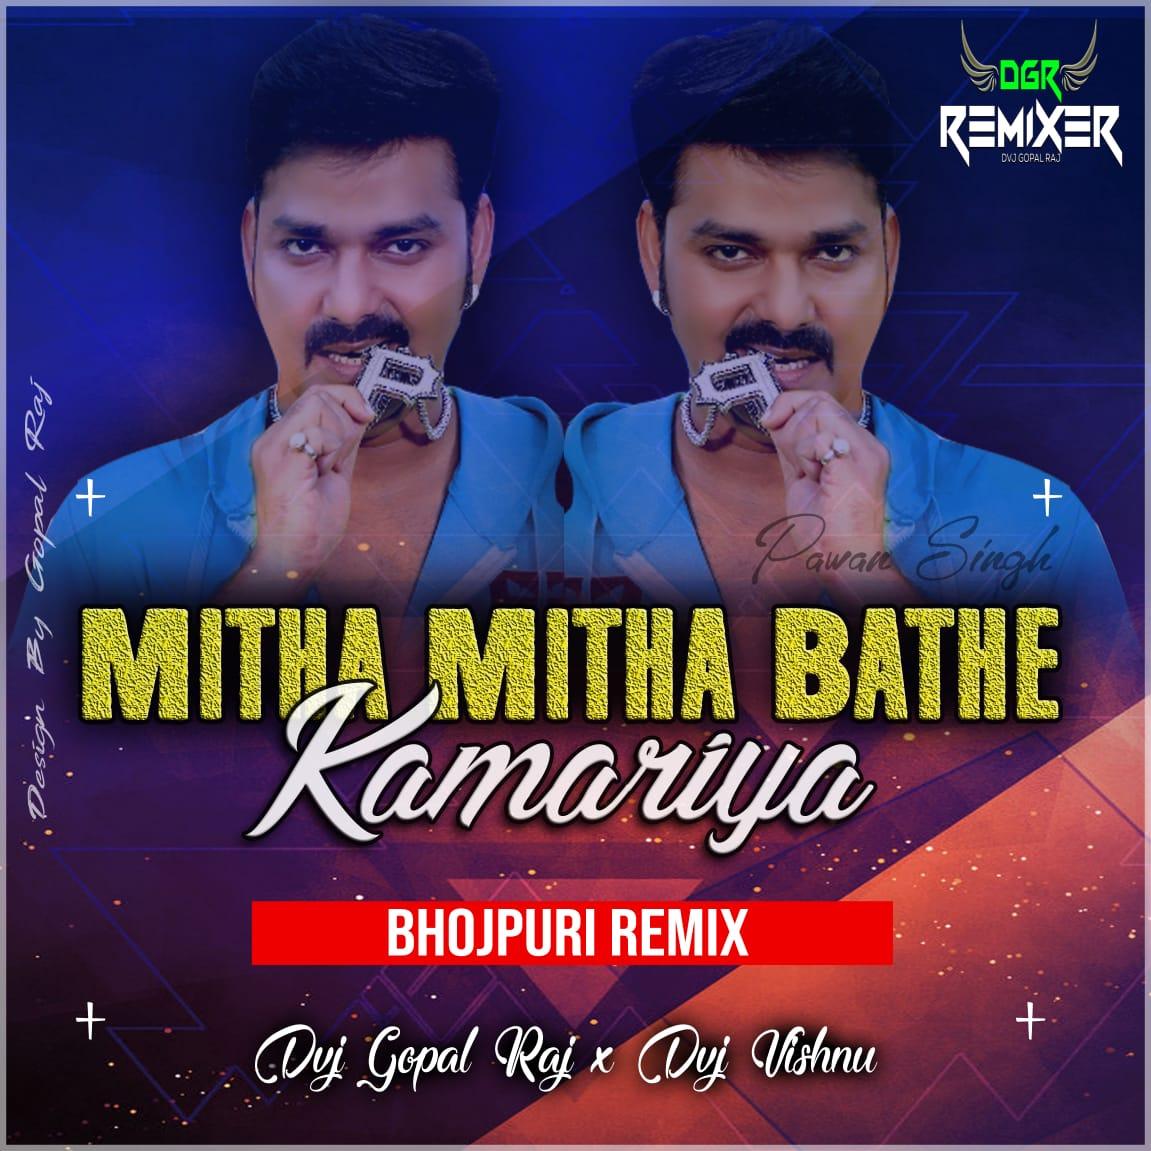 Mitha Mitha Bathe Kamariya Ho (Pawan Singh) Bhojpuri Remix - Dvj Gopal Raj x Dvj Vishnu Ballia